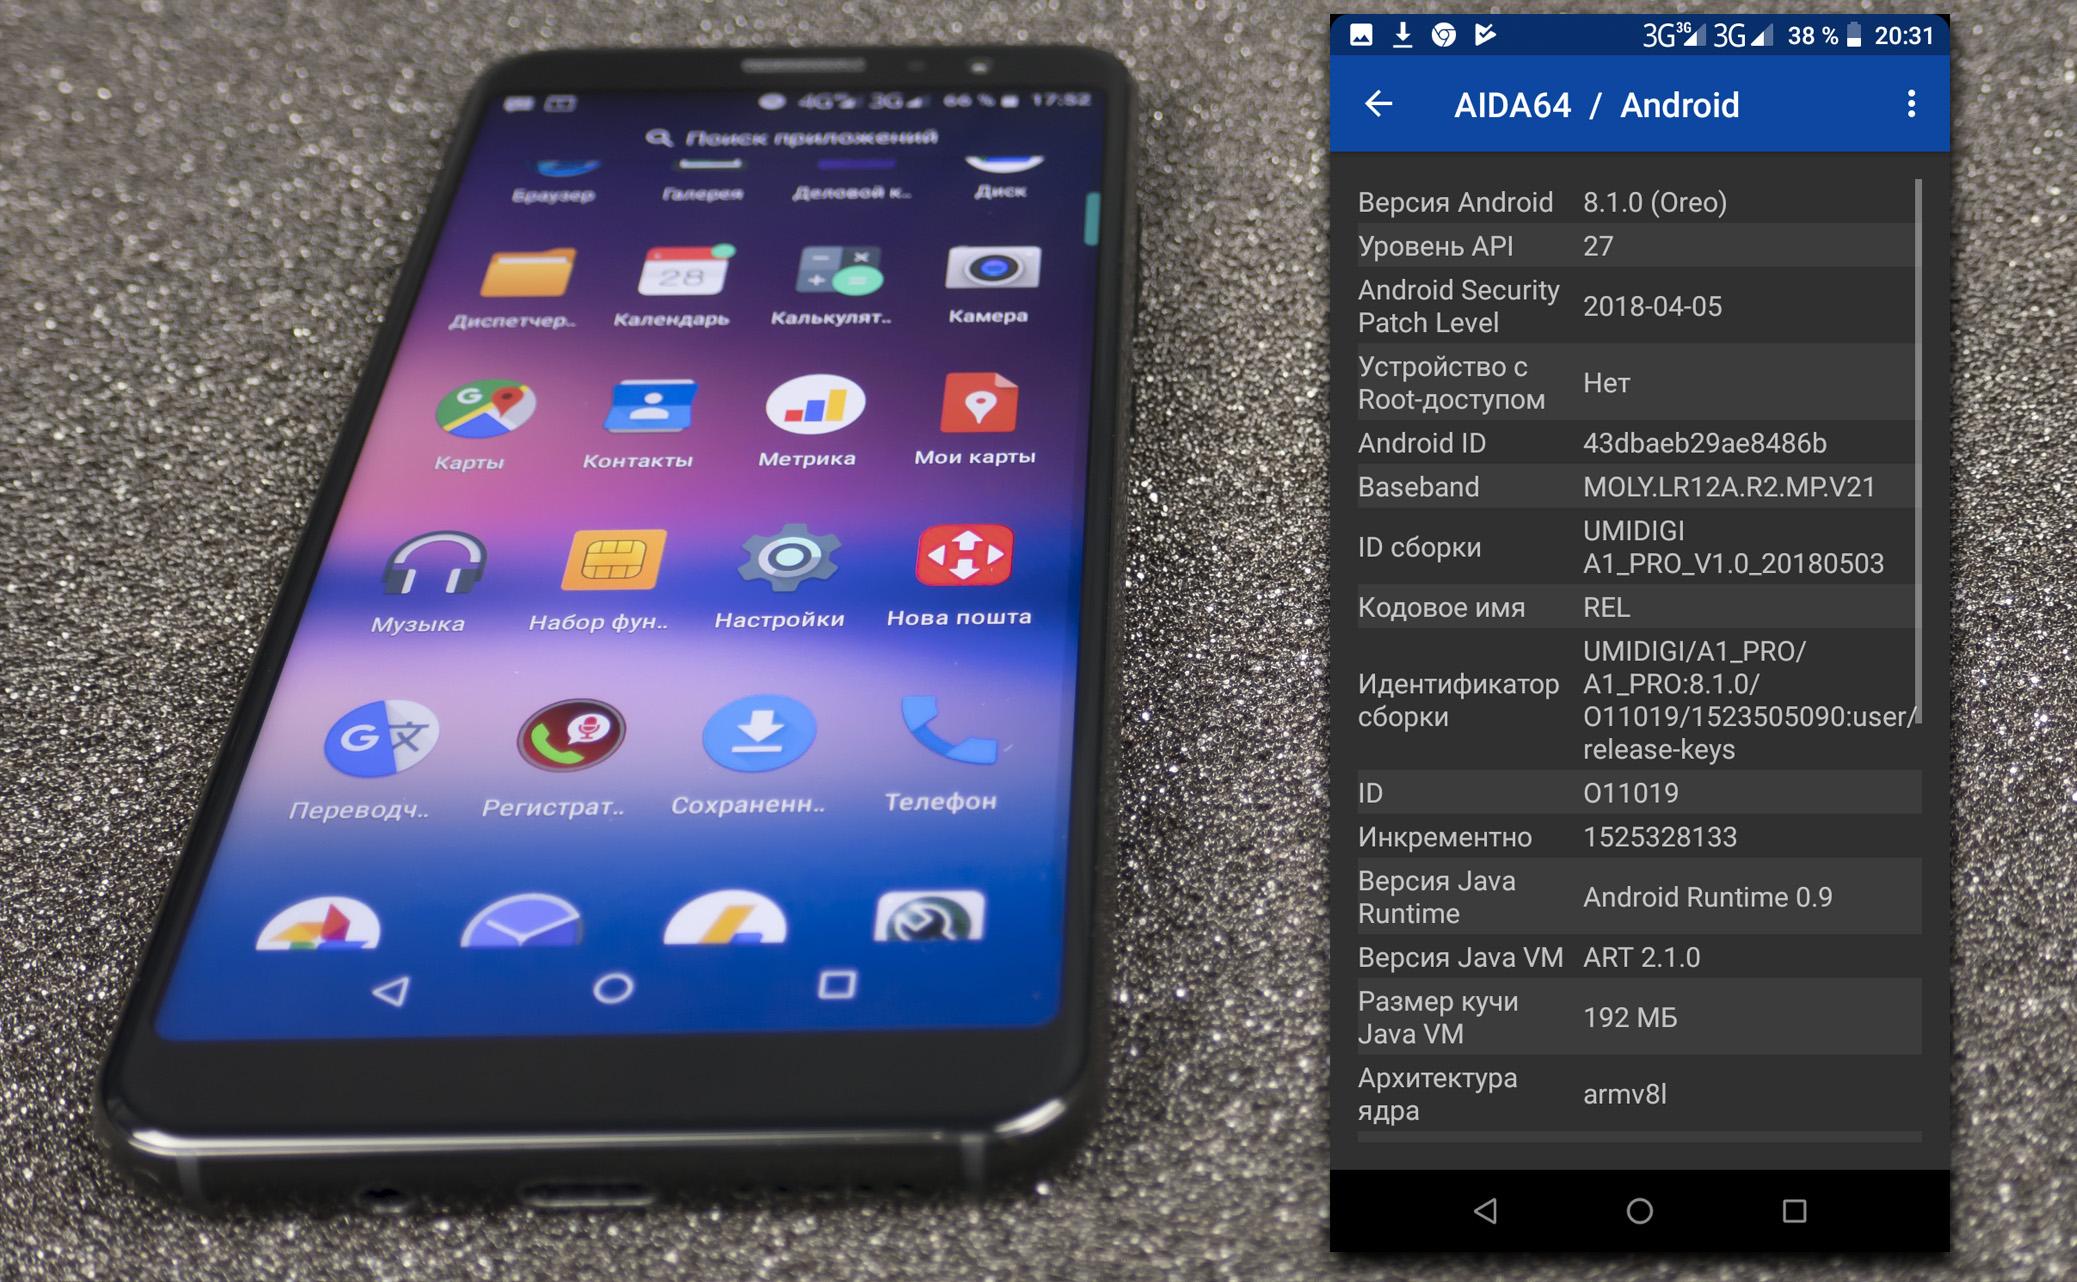 Android 8.1 Oreo umidigi a1 pro